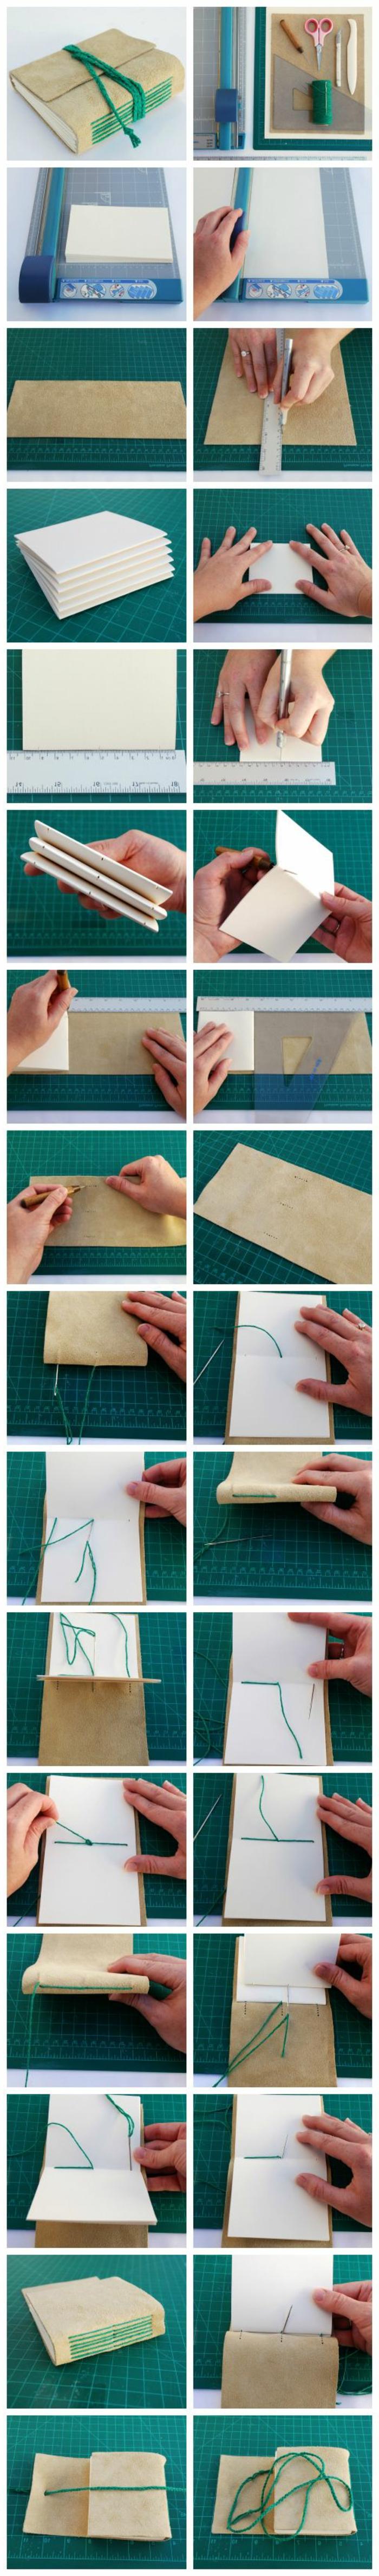 eine ausführliche Anleitung, wie man ein Faltbuch selber herstellt